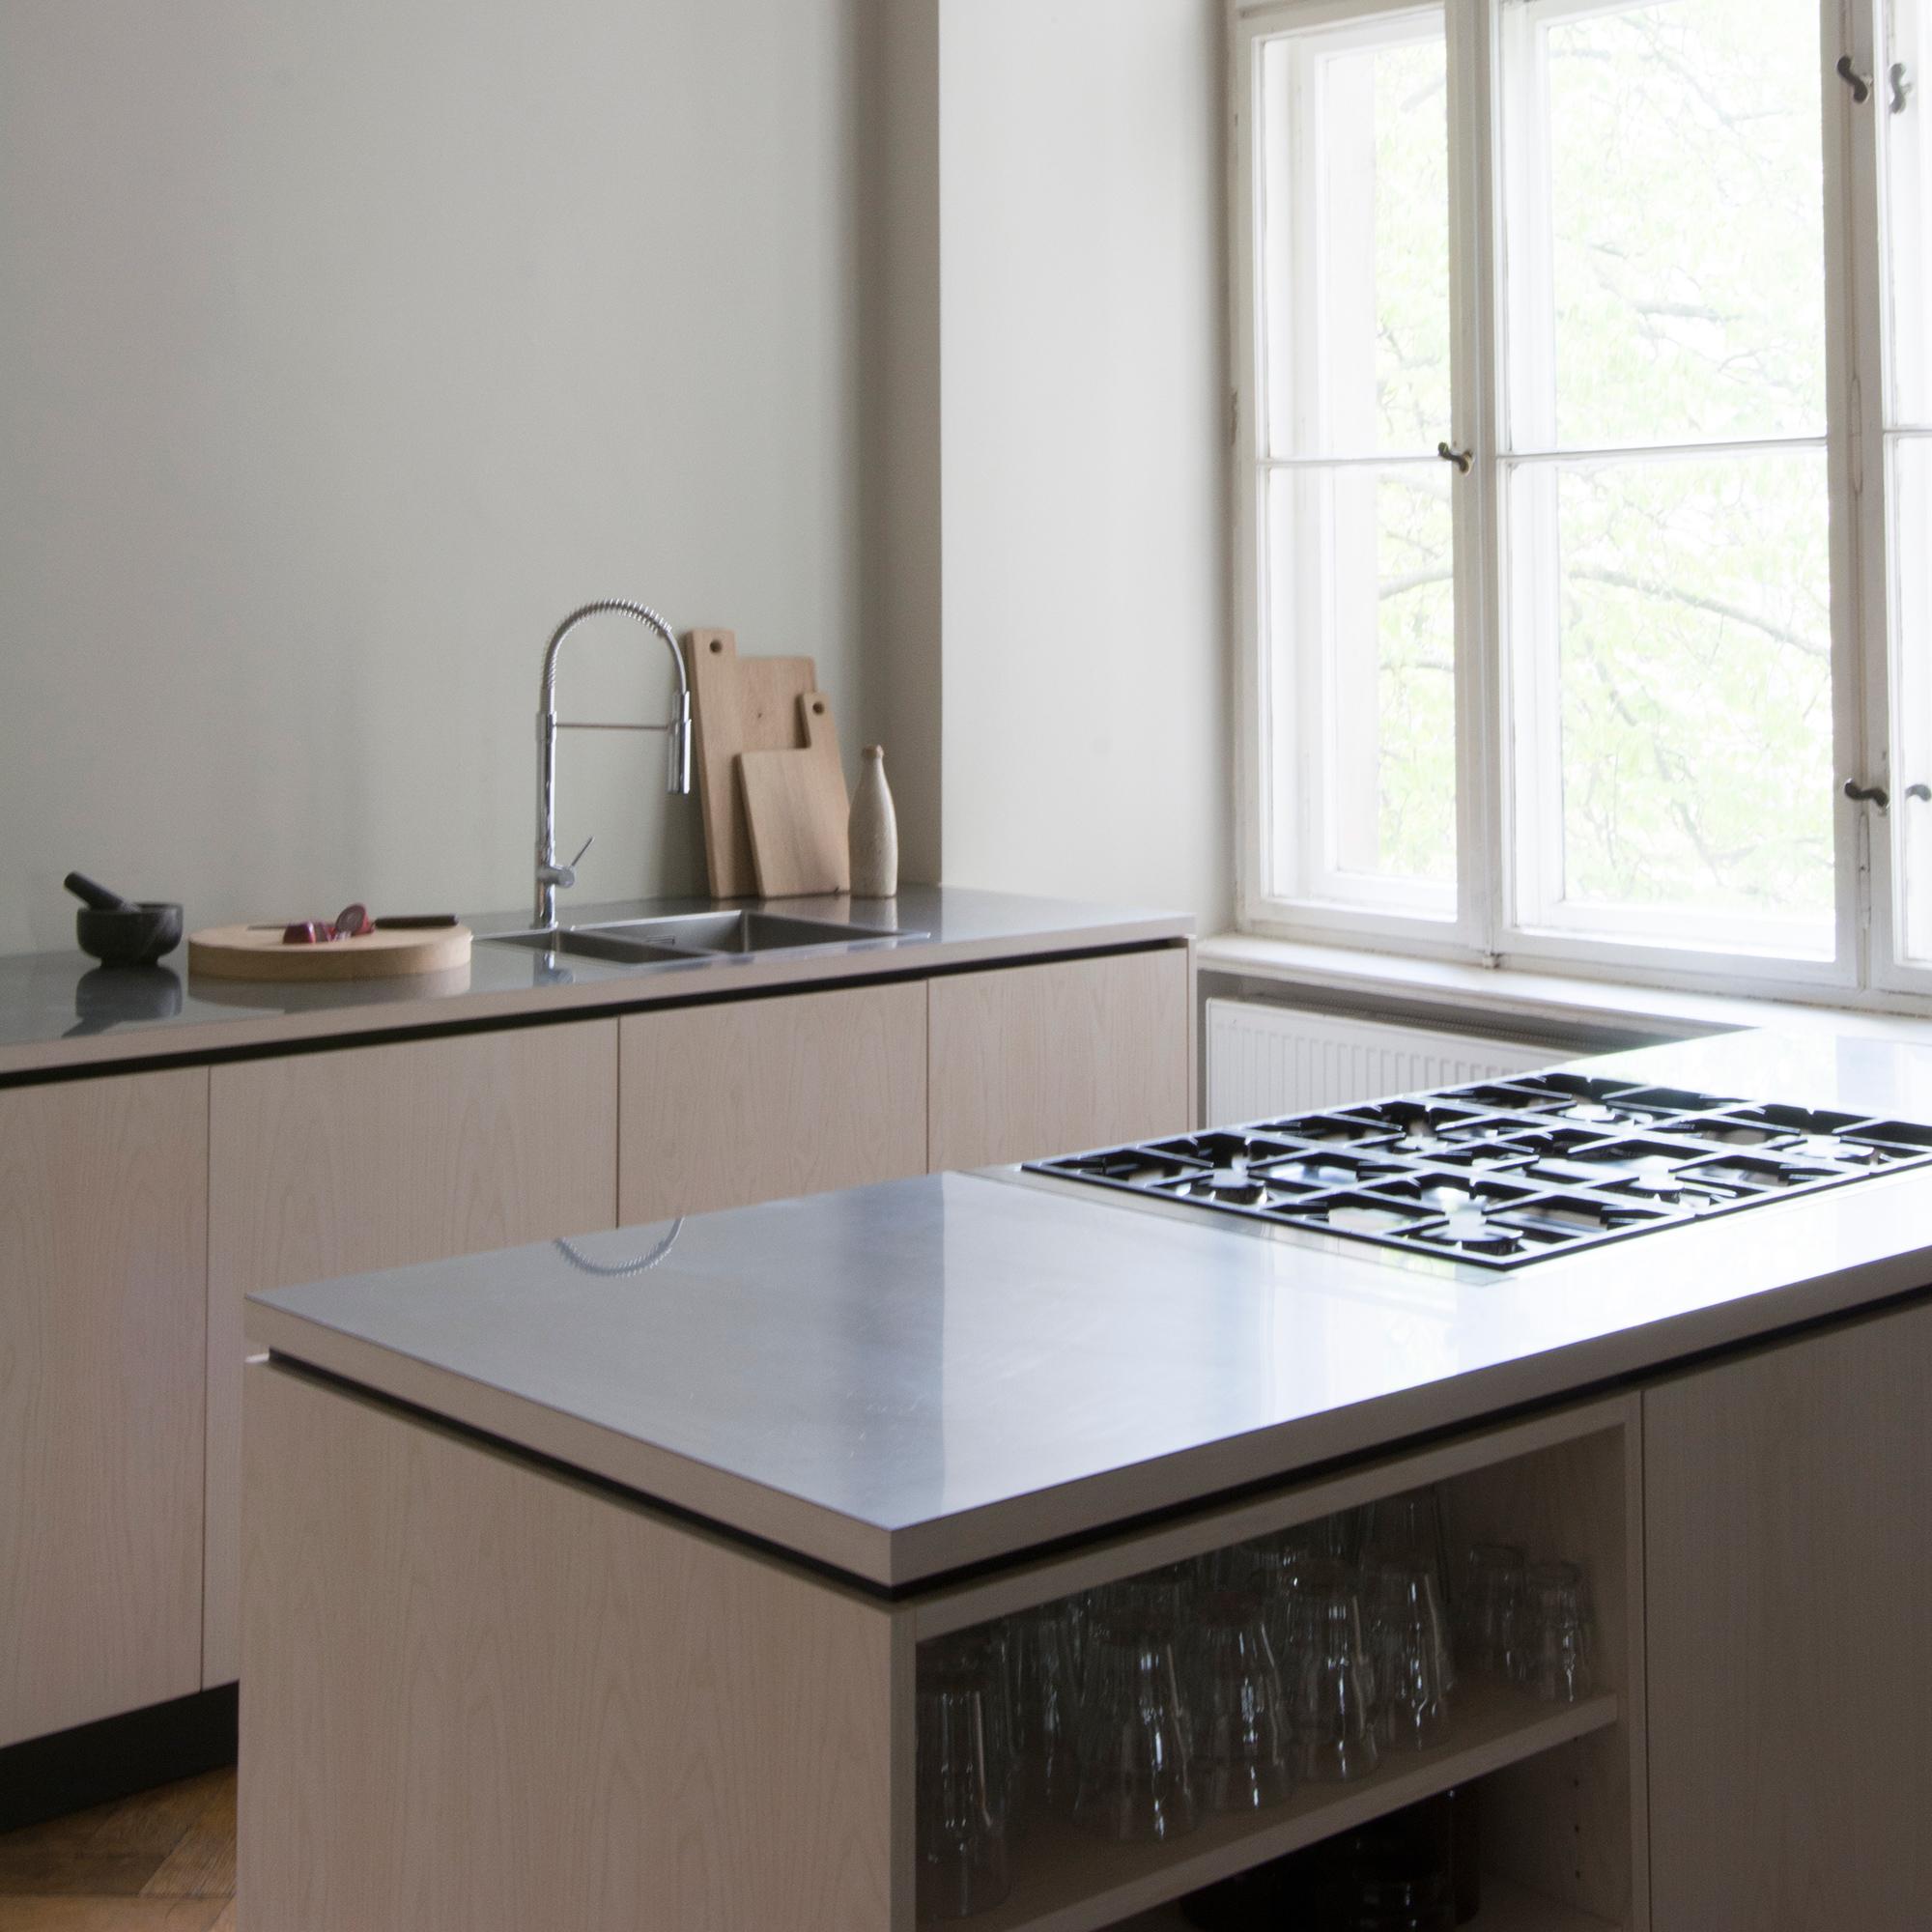 Küchenzeile und Kücheninsel nach Maß